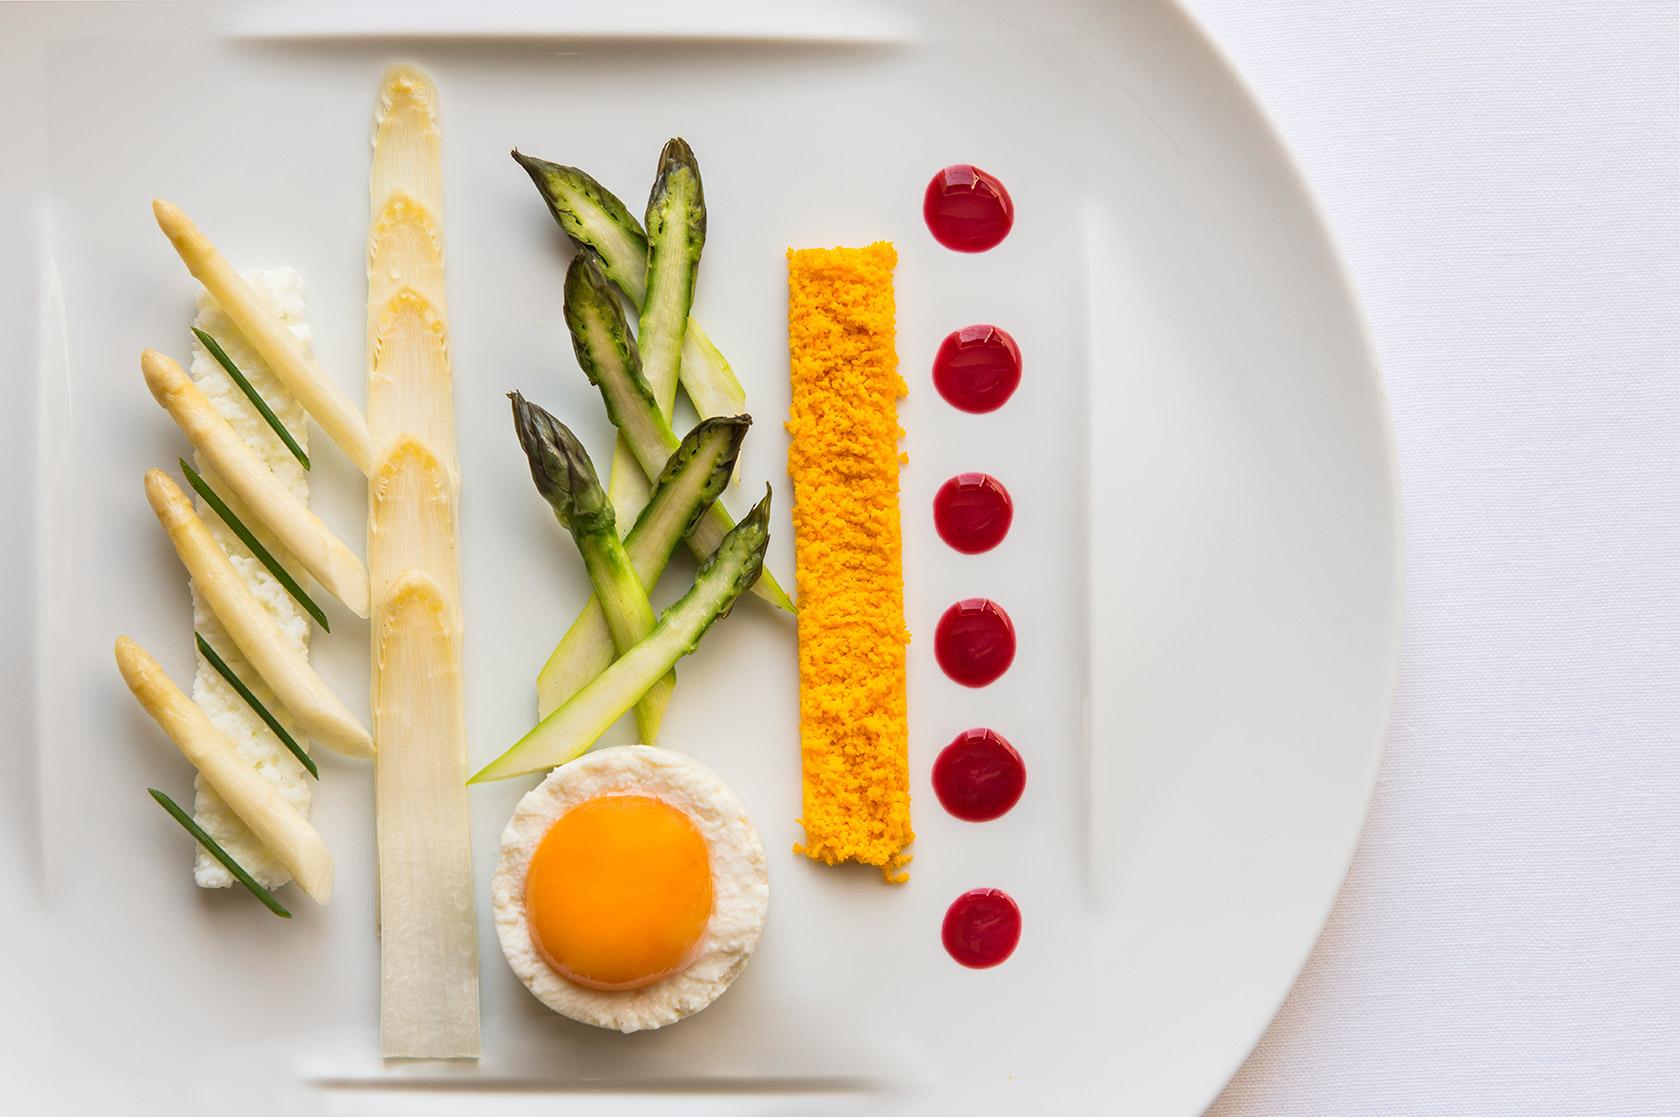 arnolfo-ristorante-asparagi-gaetano-trovato-chef